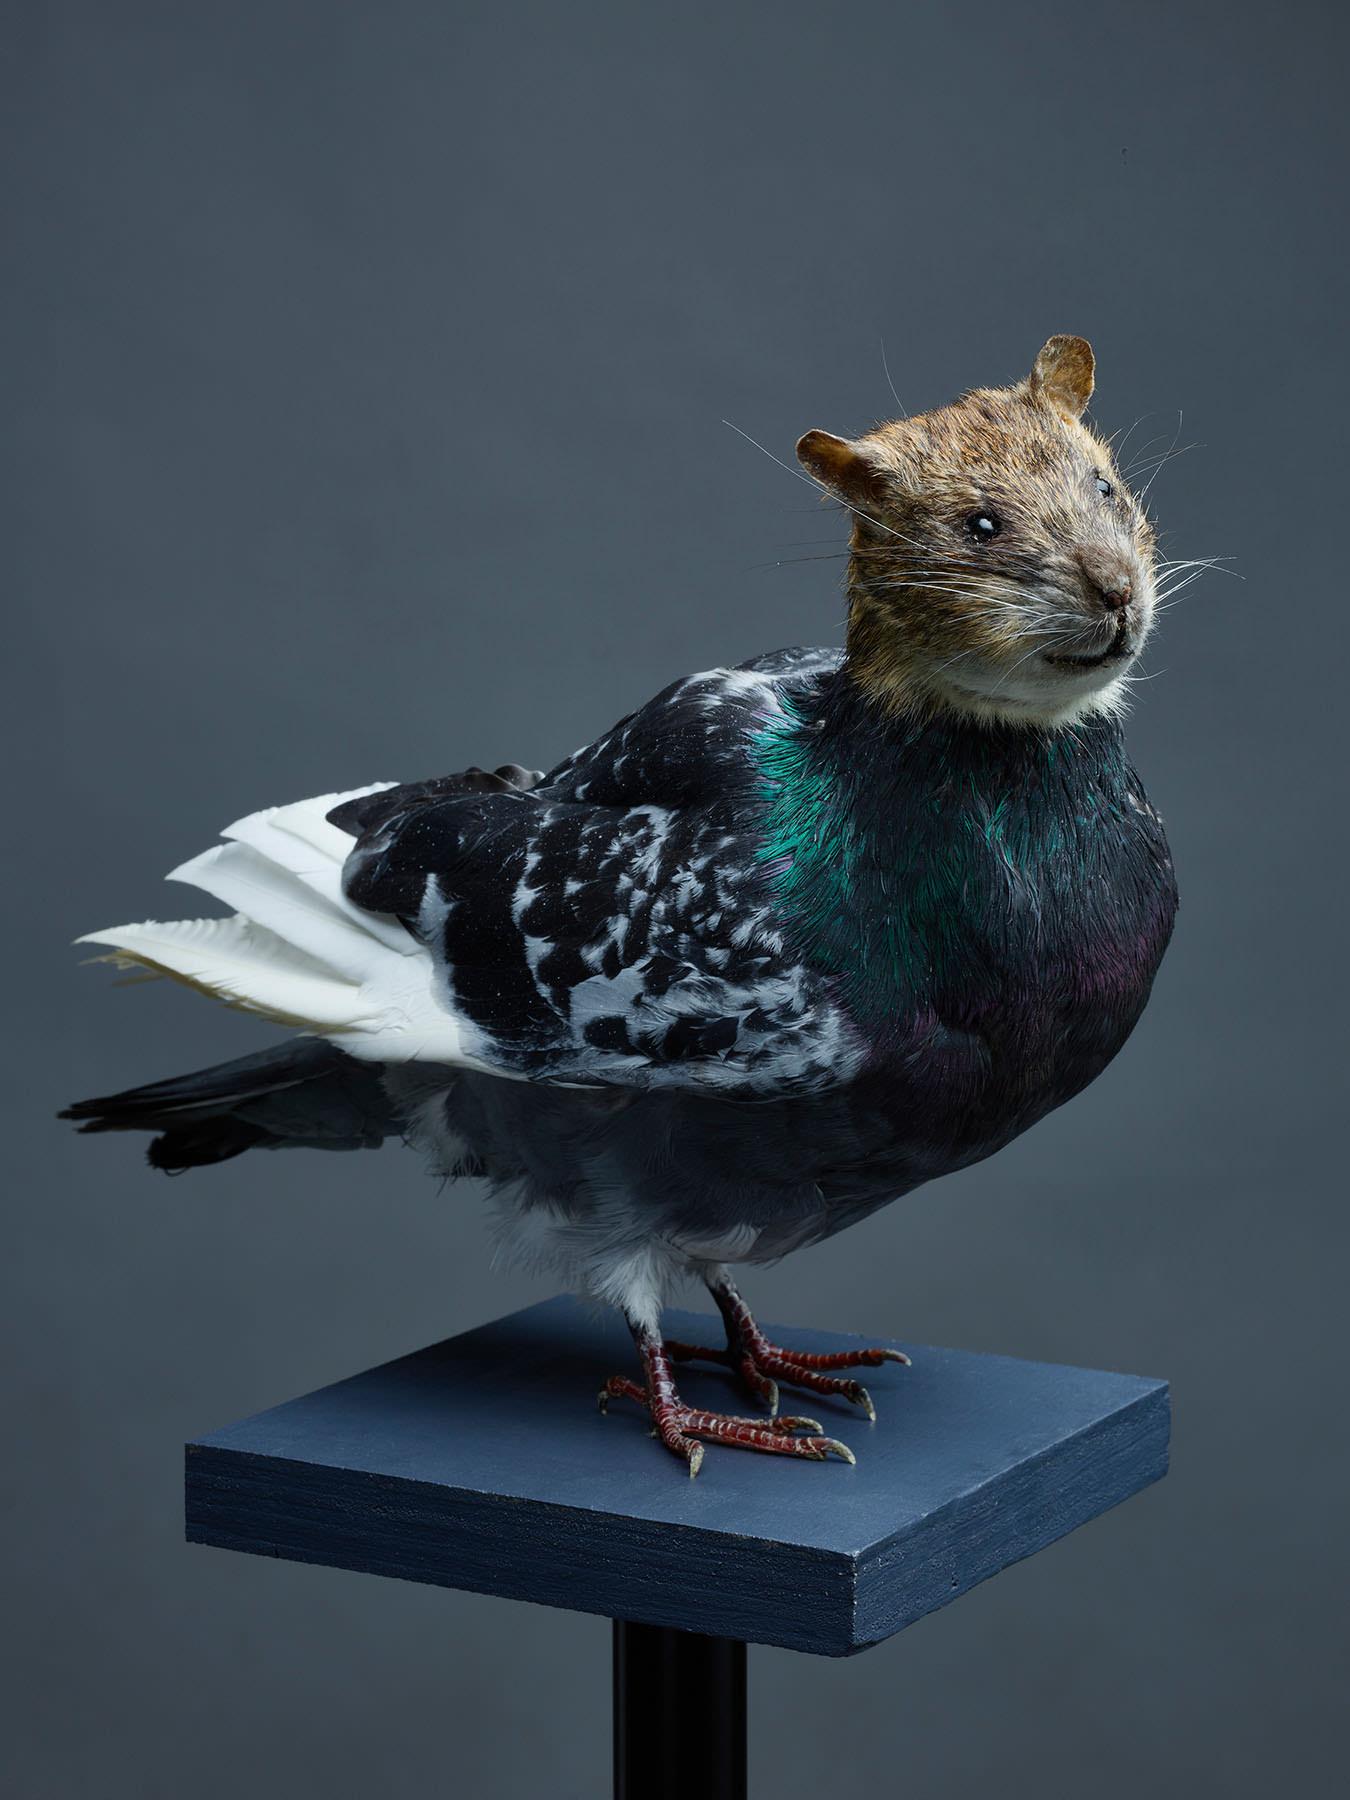 SZALAI Dániel: Untitled (Rat with wings) (from the project Stadtluft) / Cím nélkül (Szárnyas patkány) (A Stadtluft projektből) 2019